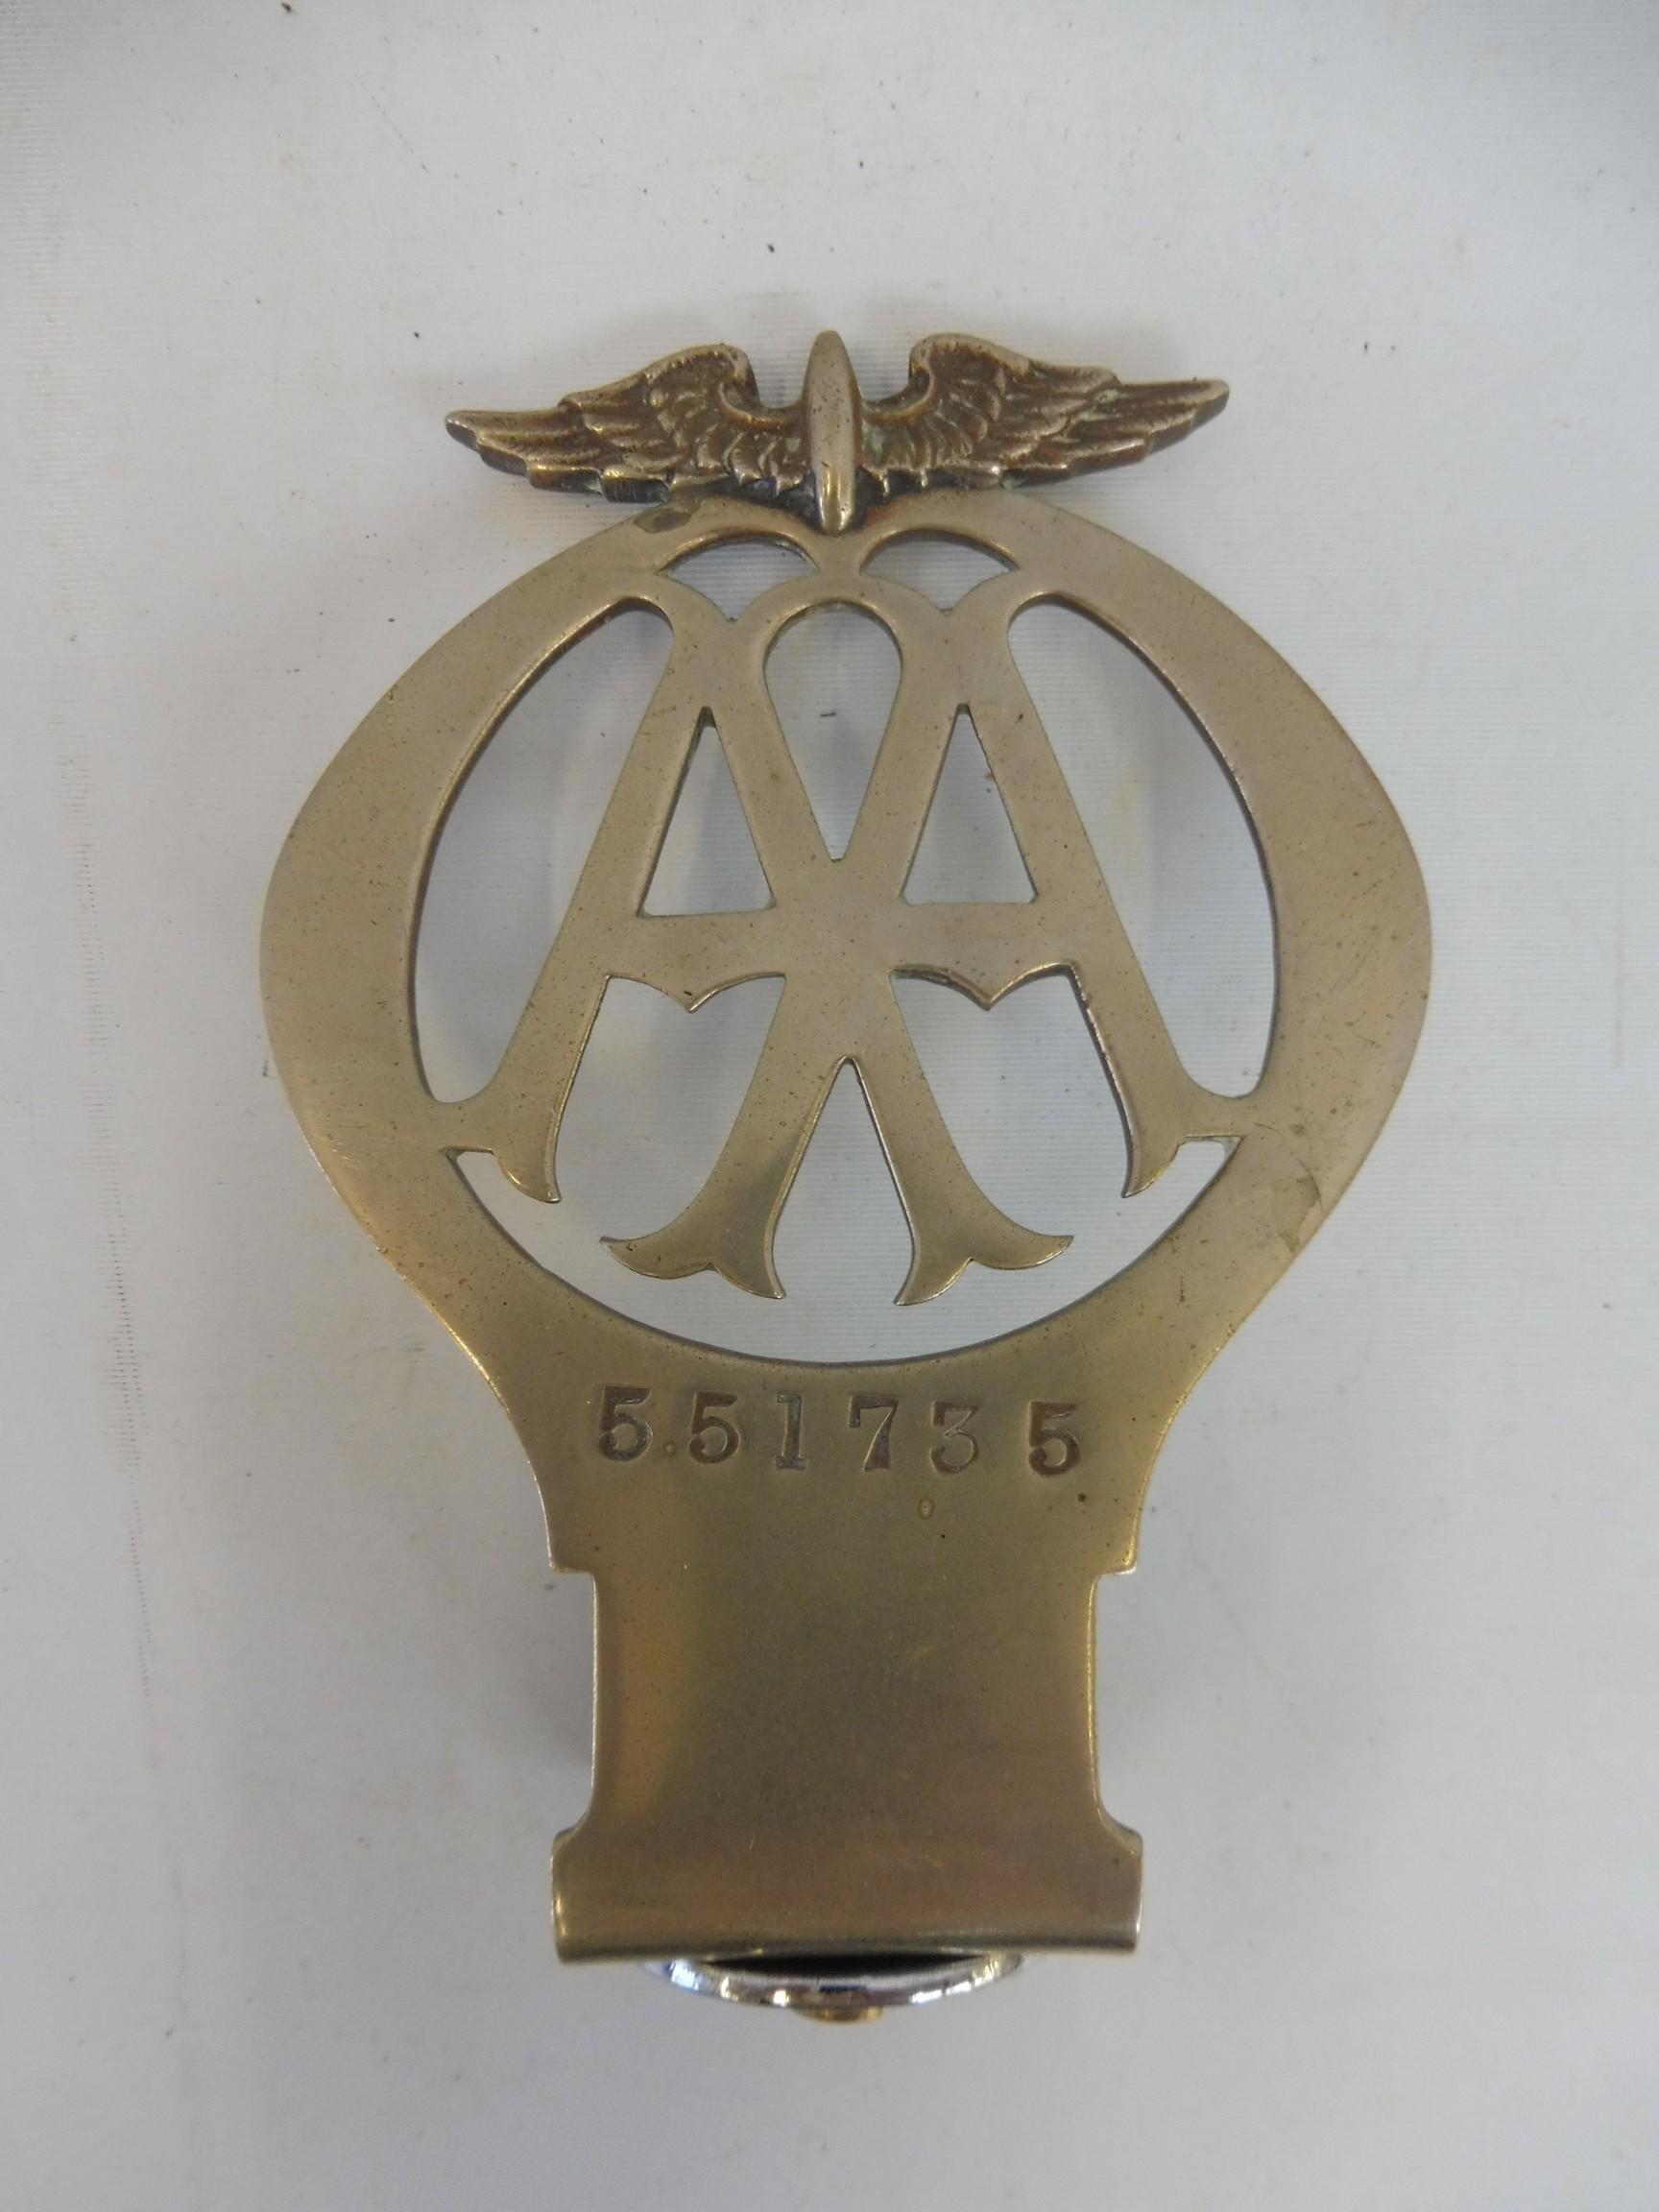 An AA type 2A car badge, nickel, no. 551735, Feb 1924 - July 1926.